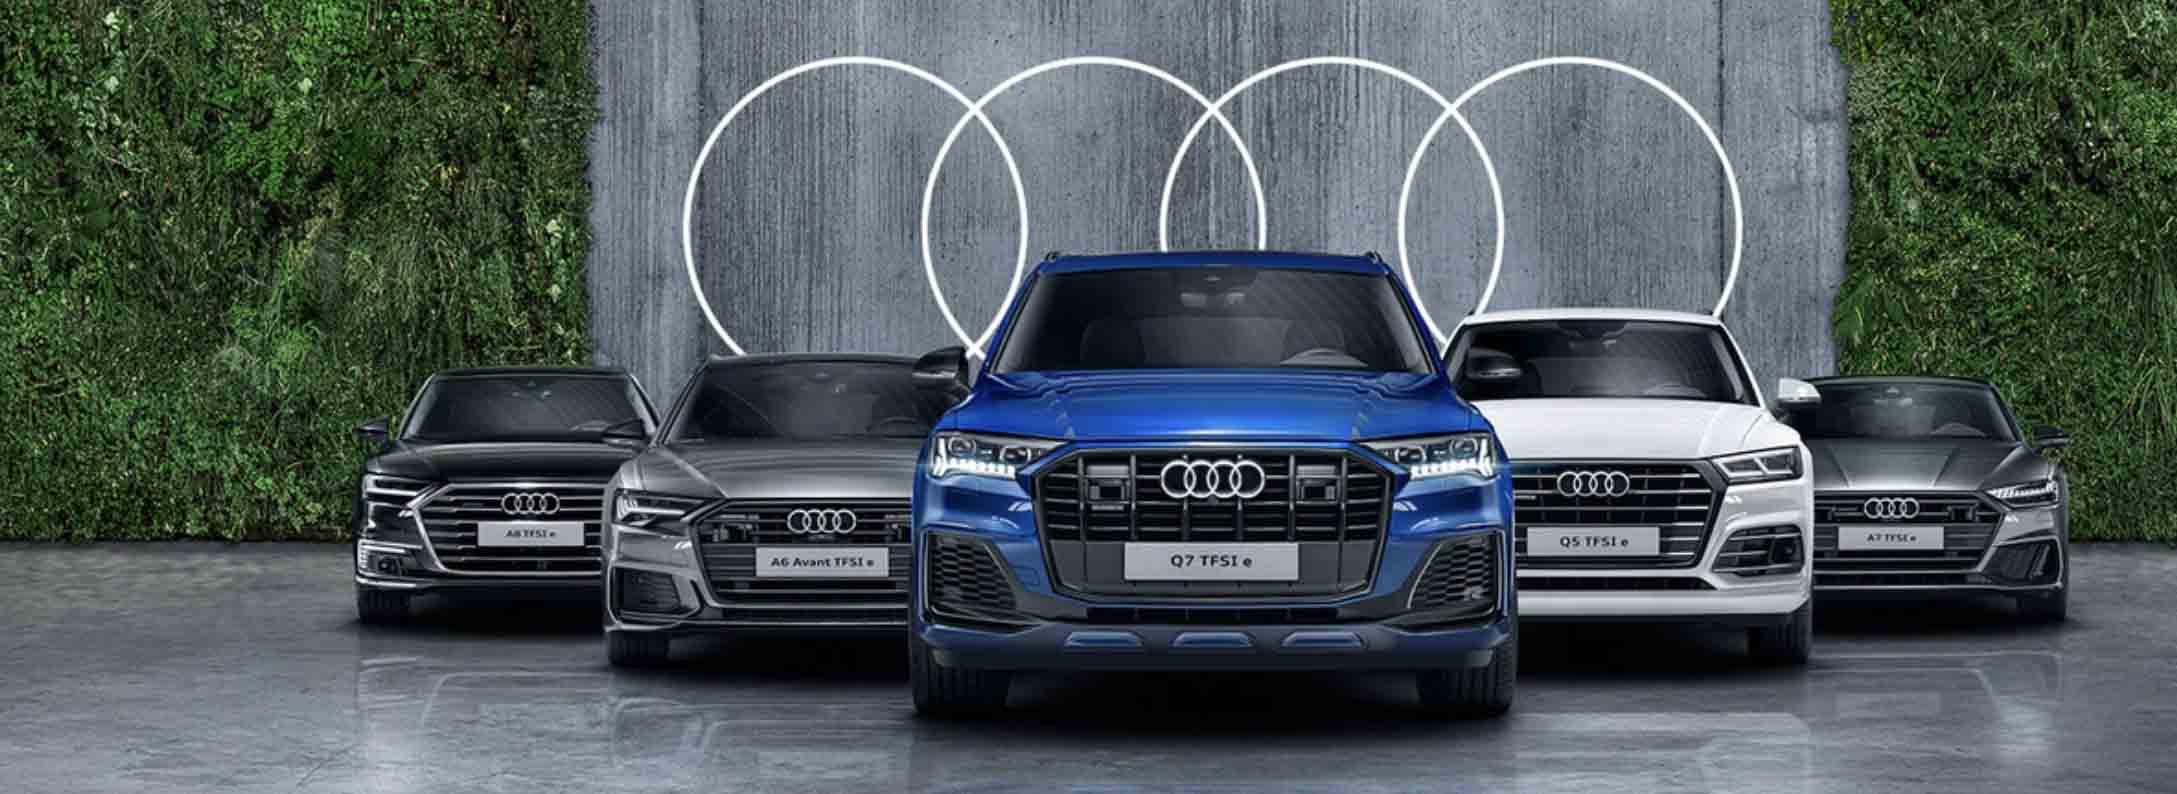 Gamme_Hybrides_Audi_Laval_Lecluse